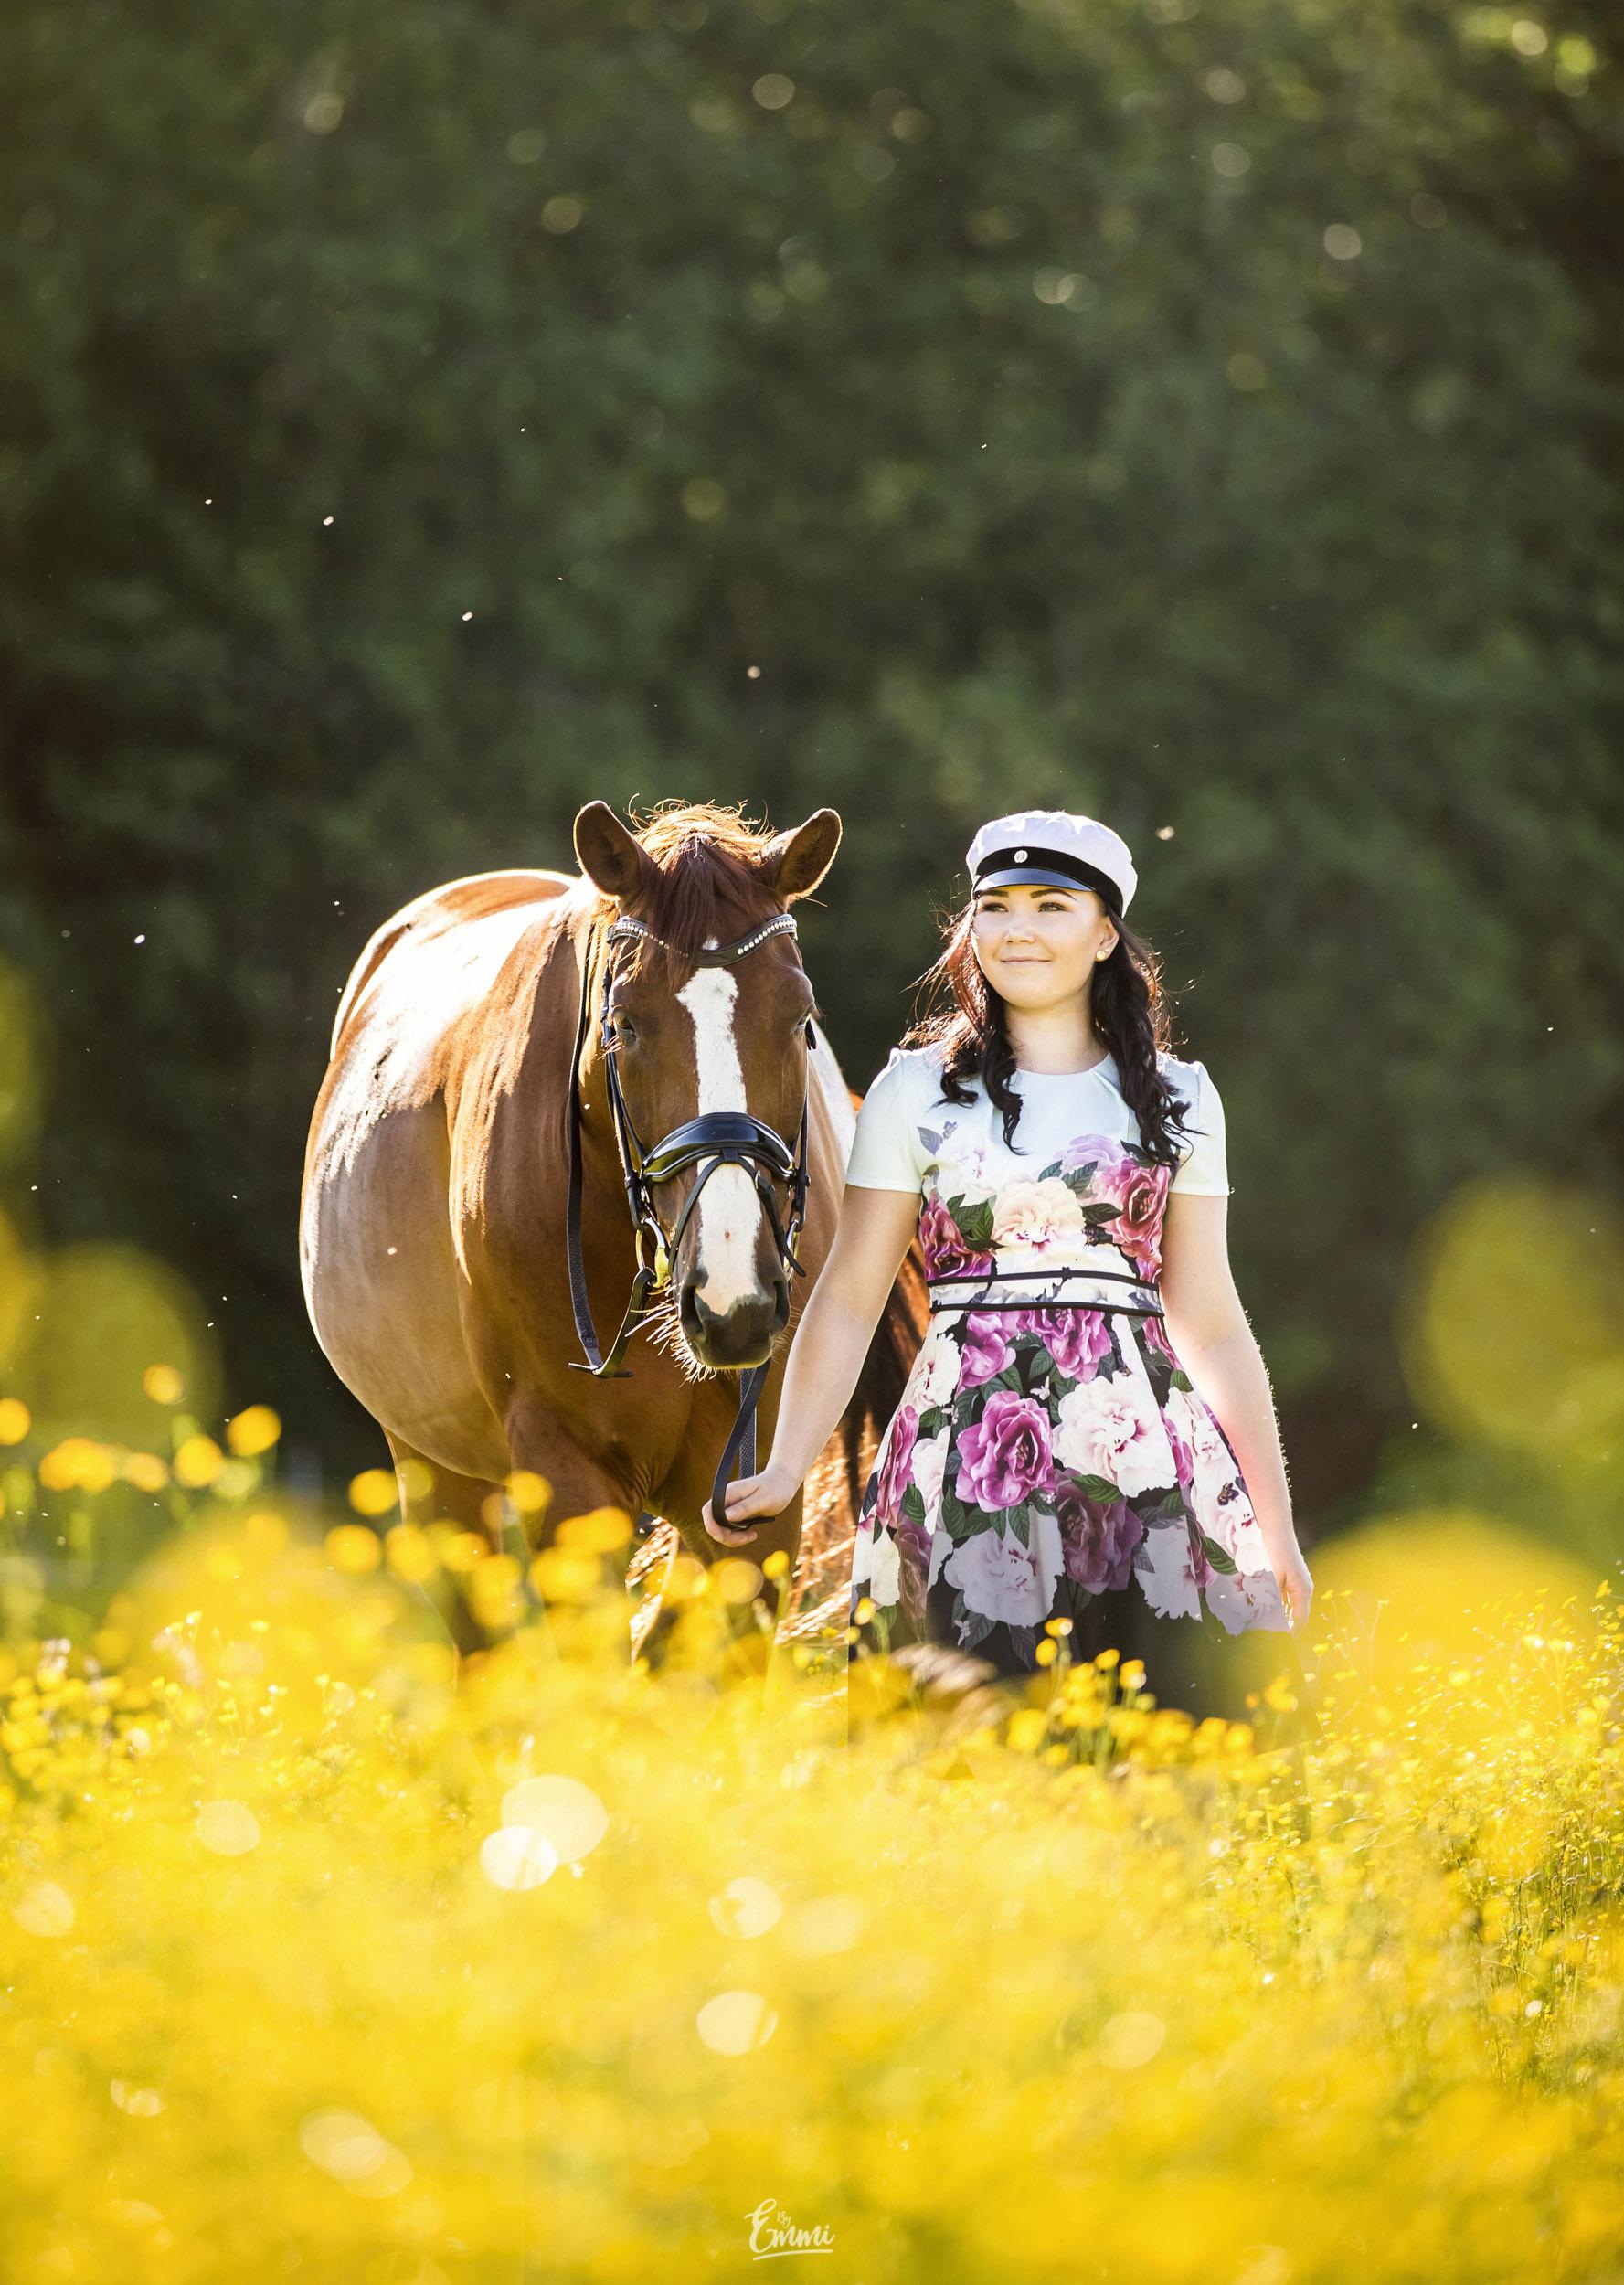 Ylioppilas hevosen kanssa